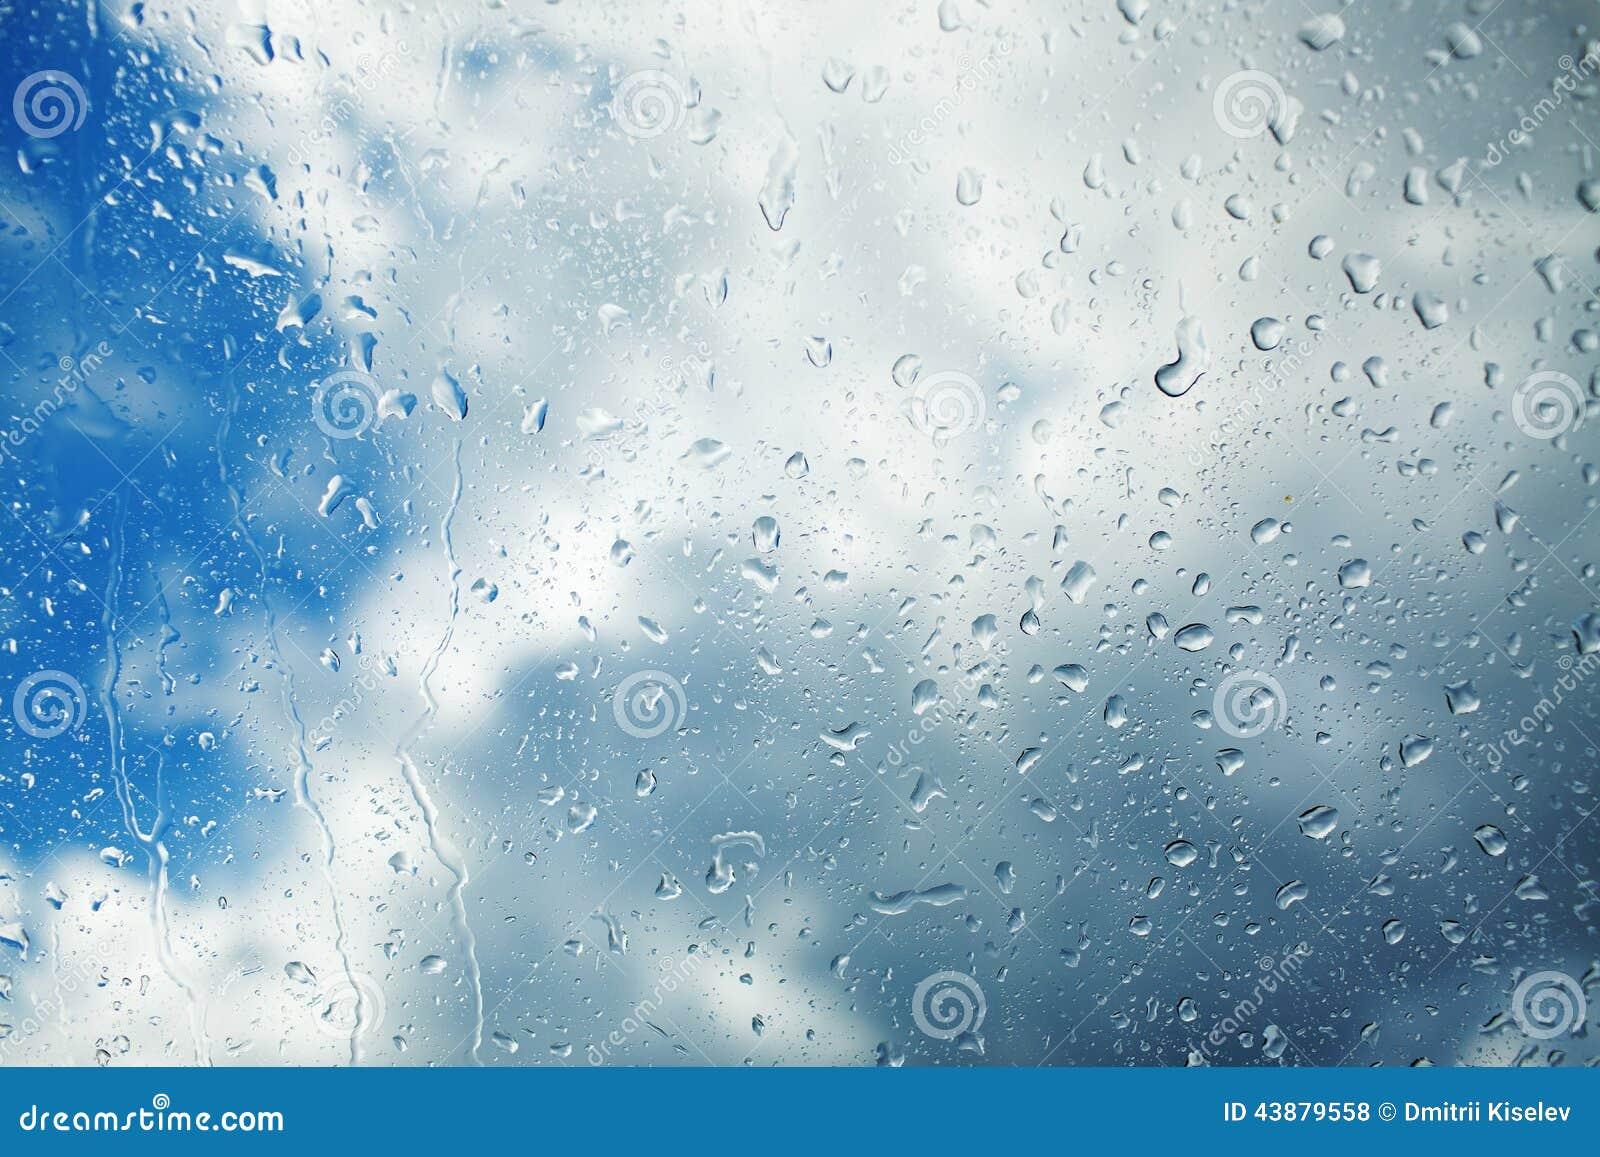 Regentropfen, Die Hinunter Die Fensterscheibe Laufen ...